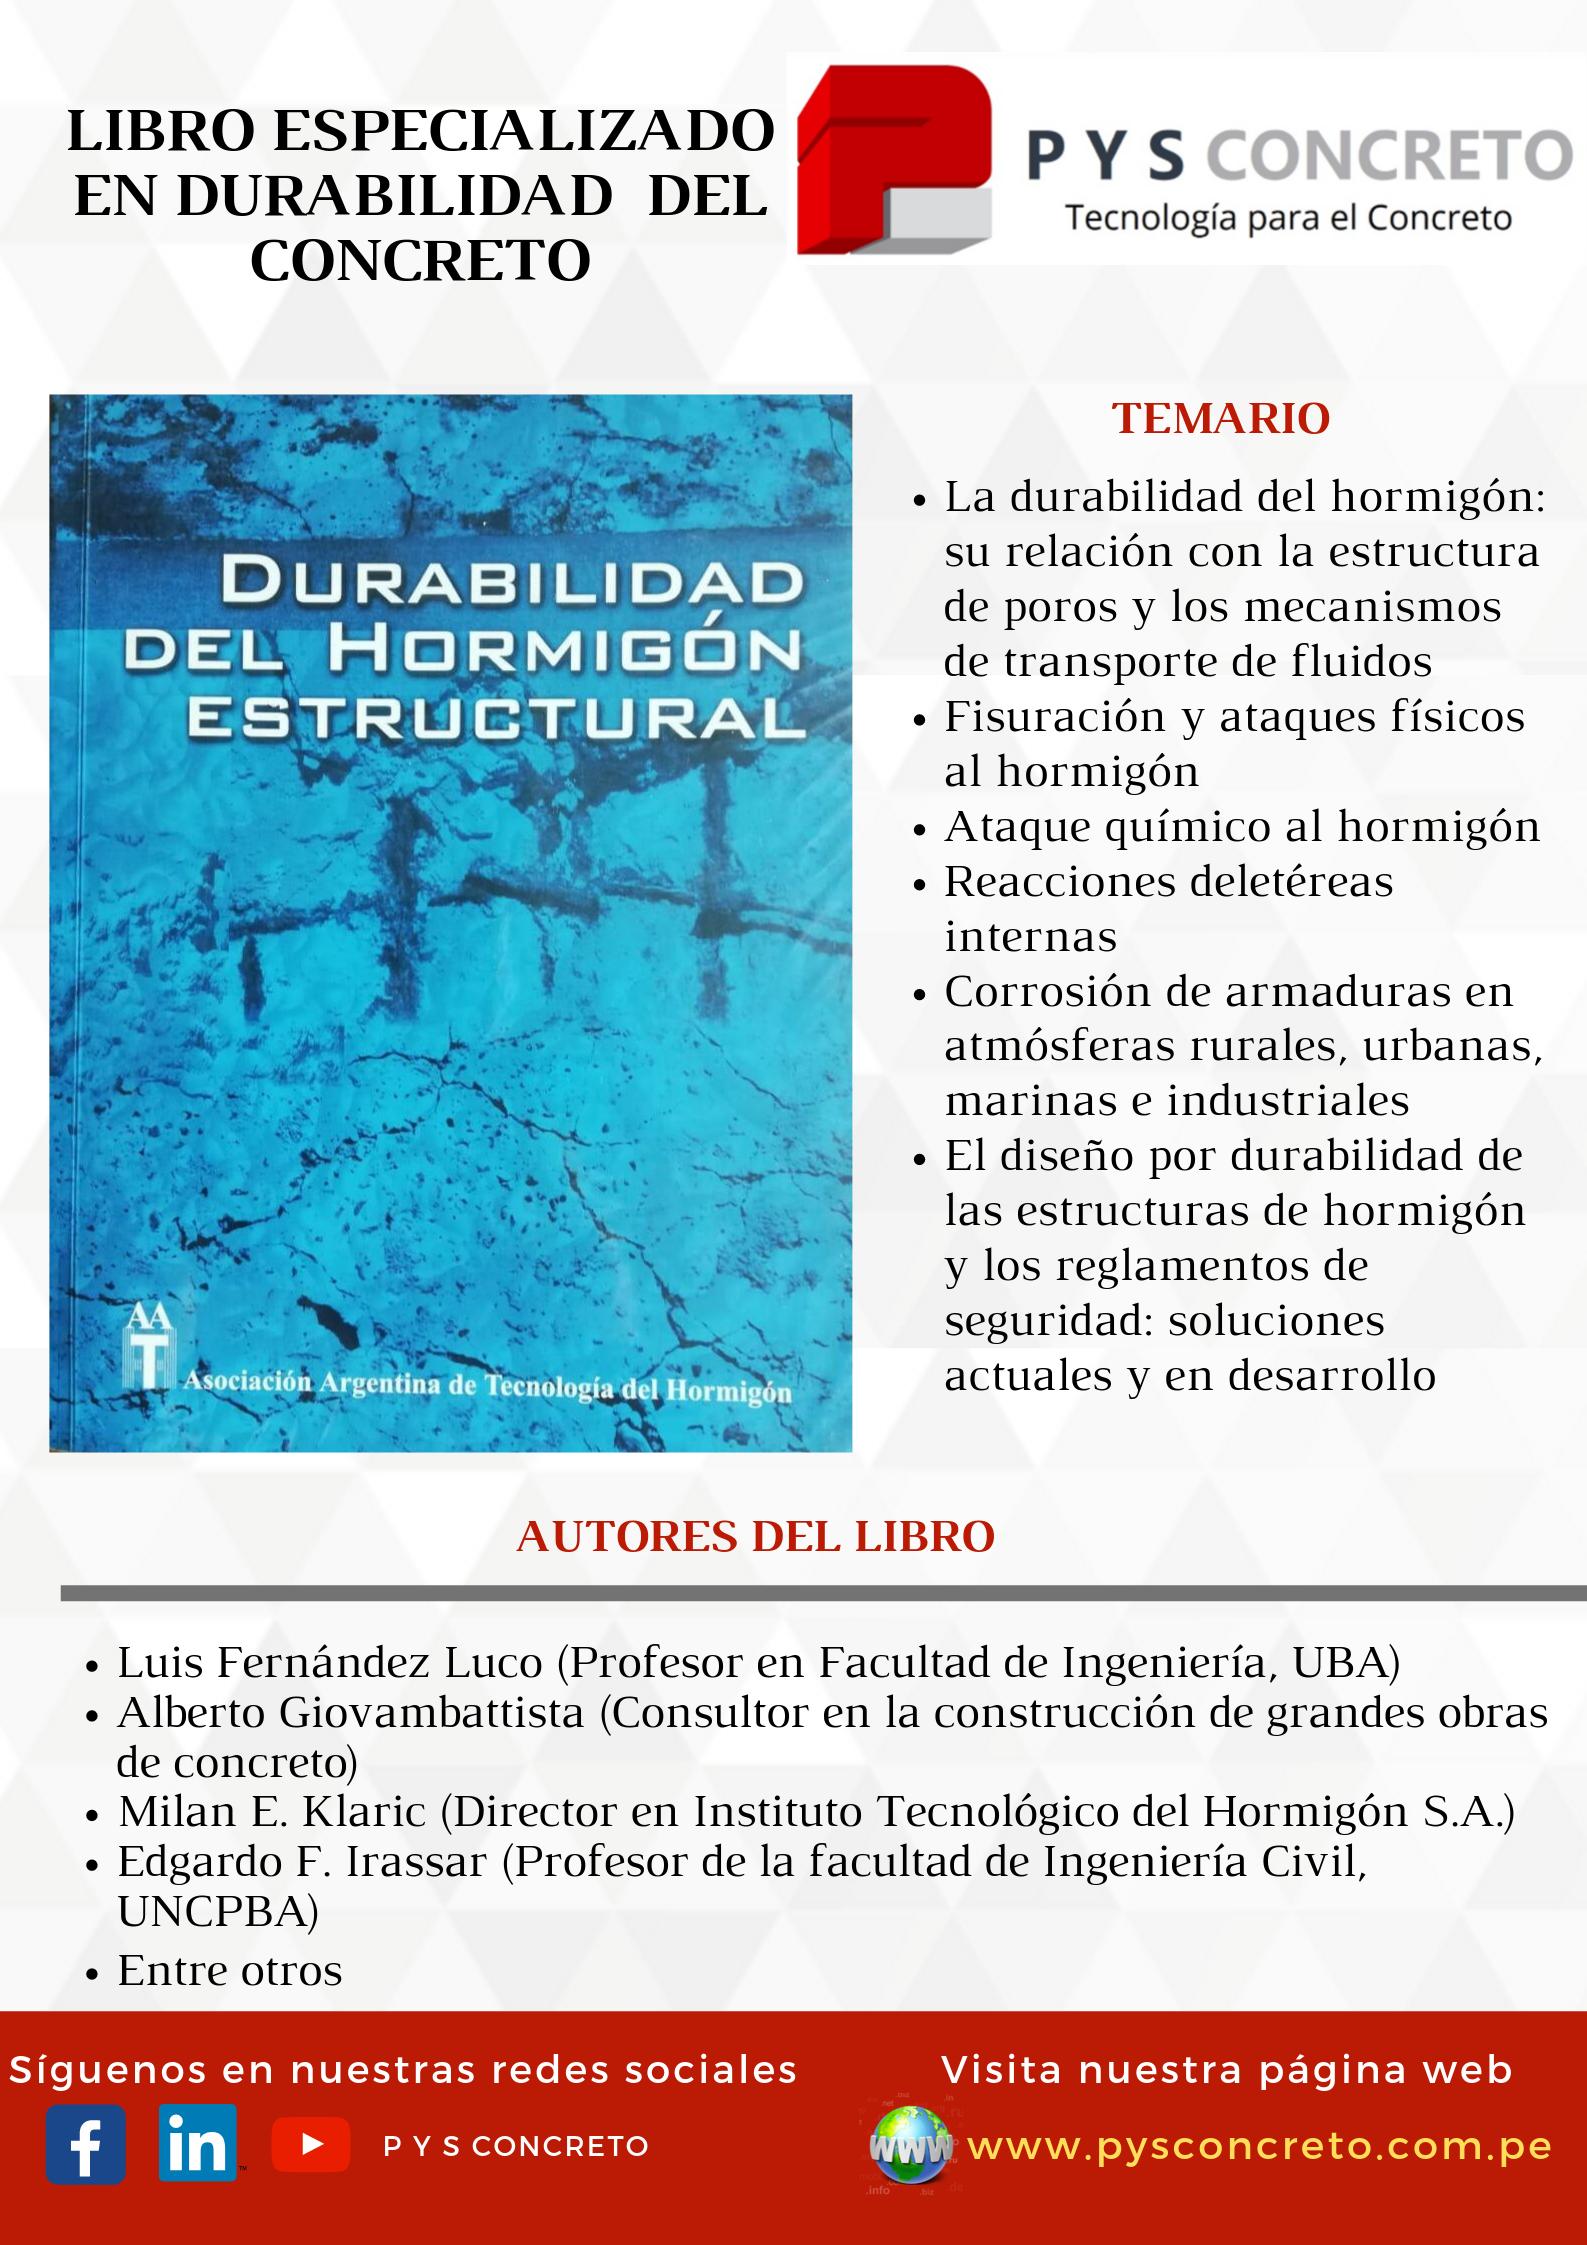 Libro especializado en durabilidad del concreto